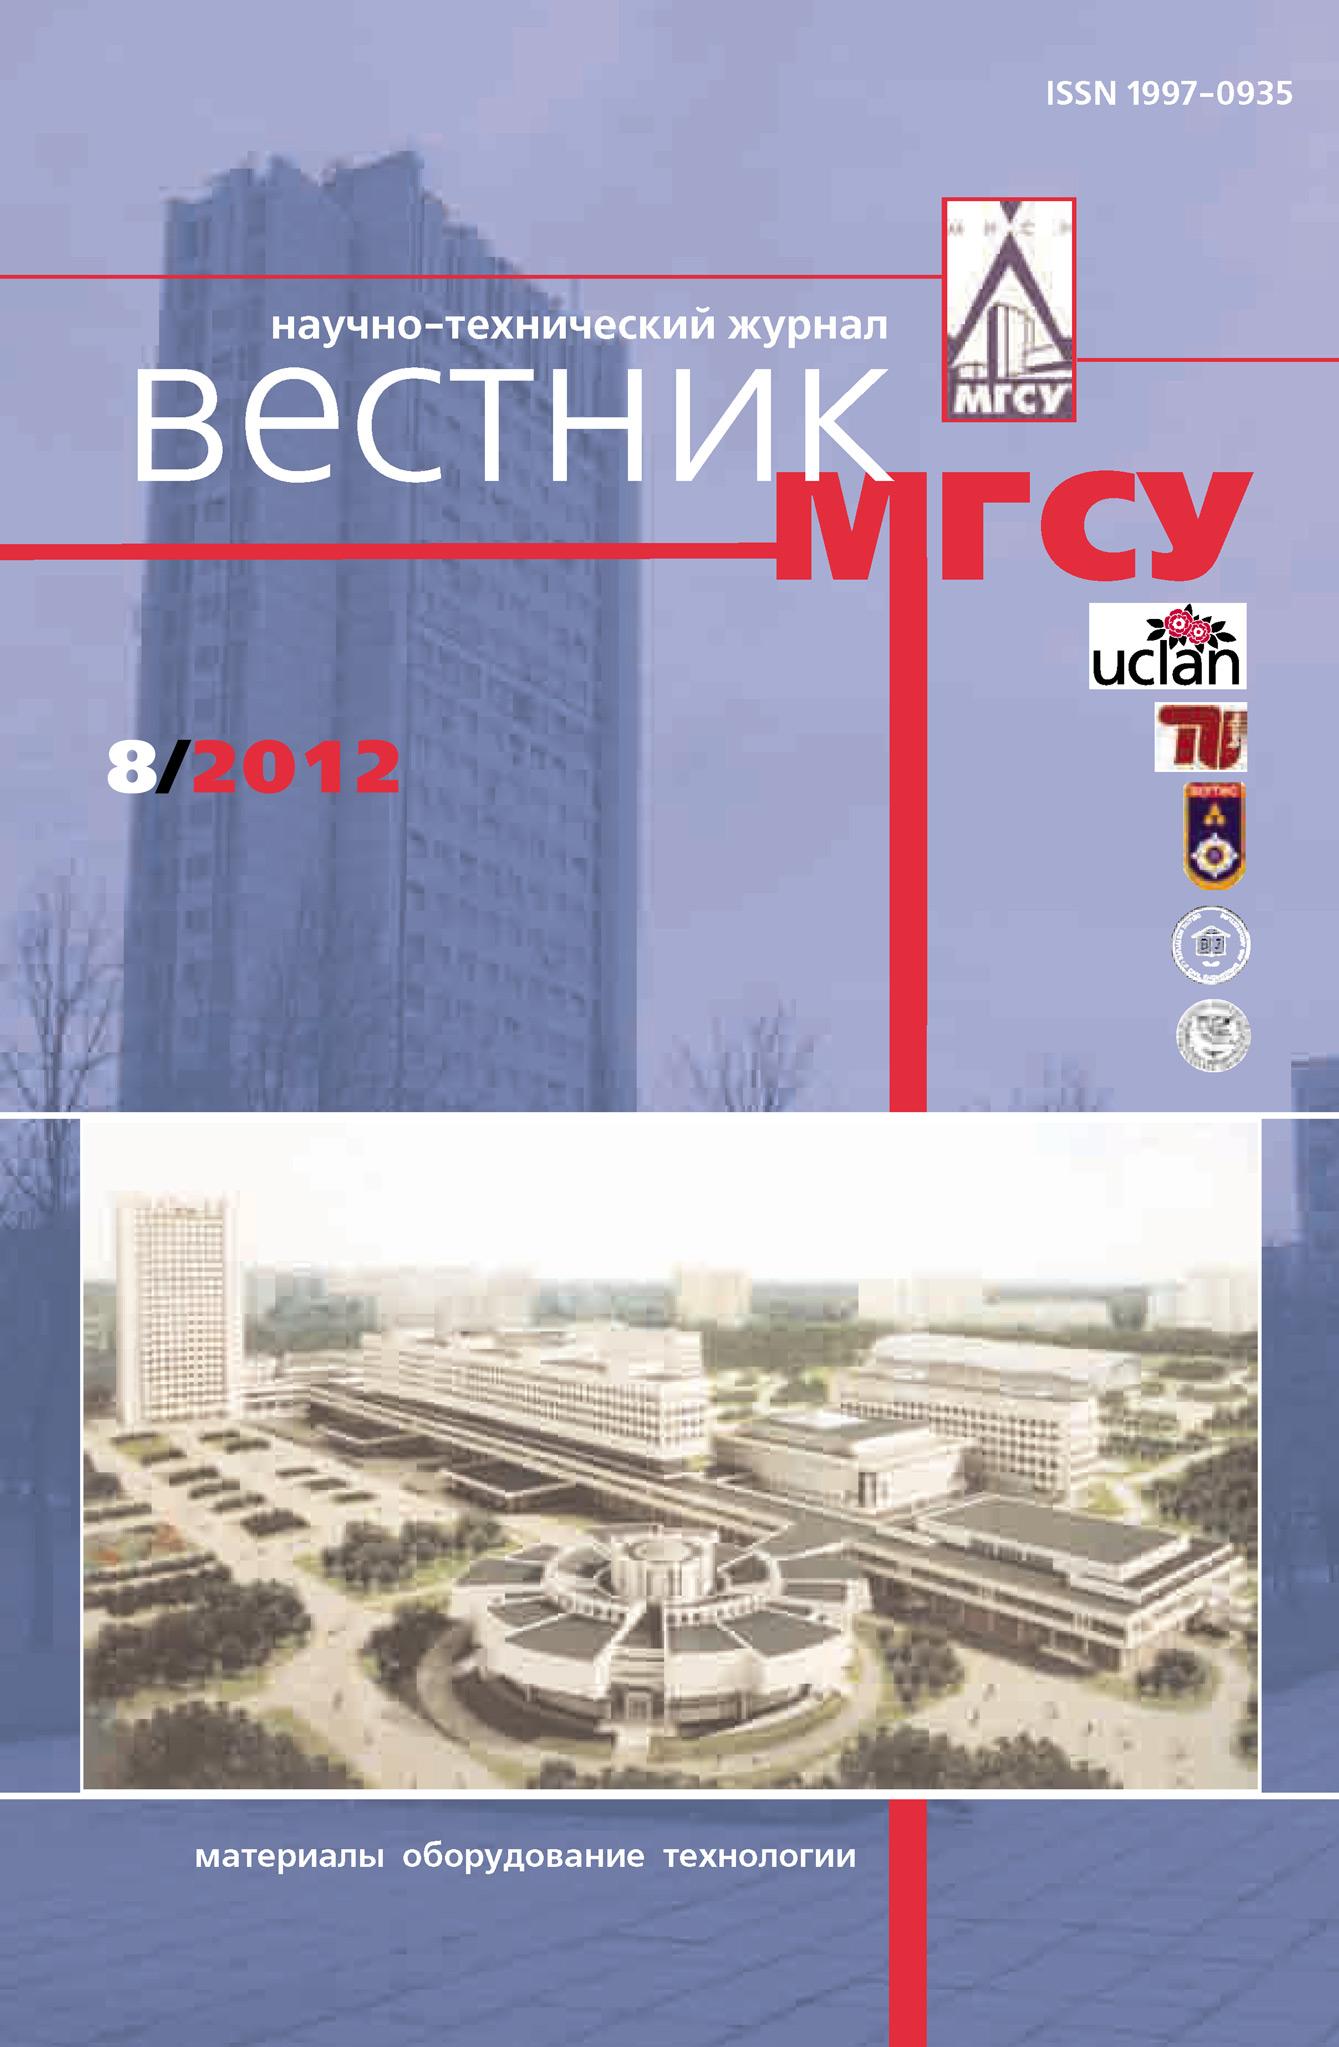 Отсутствует Вестник МГСУ №8 2012 отсутствует экономика и управление проблемы решения 05 2012